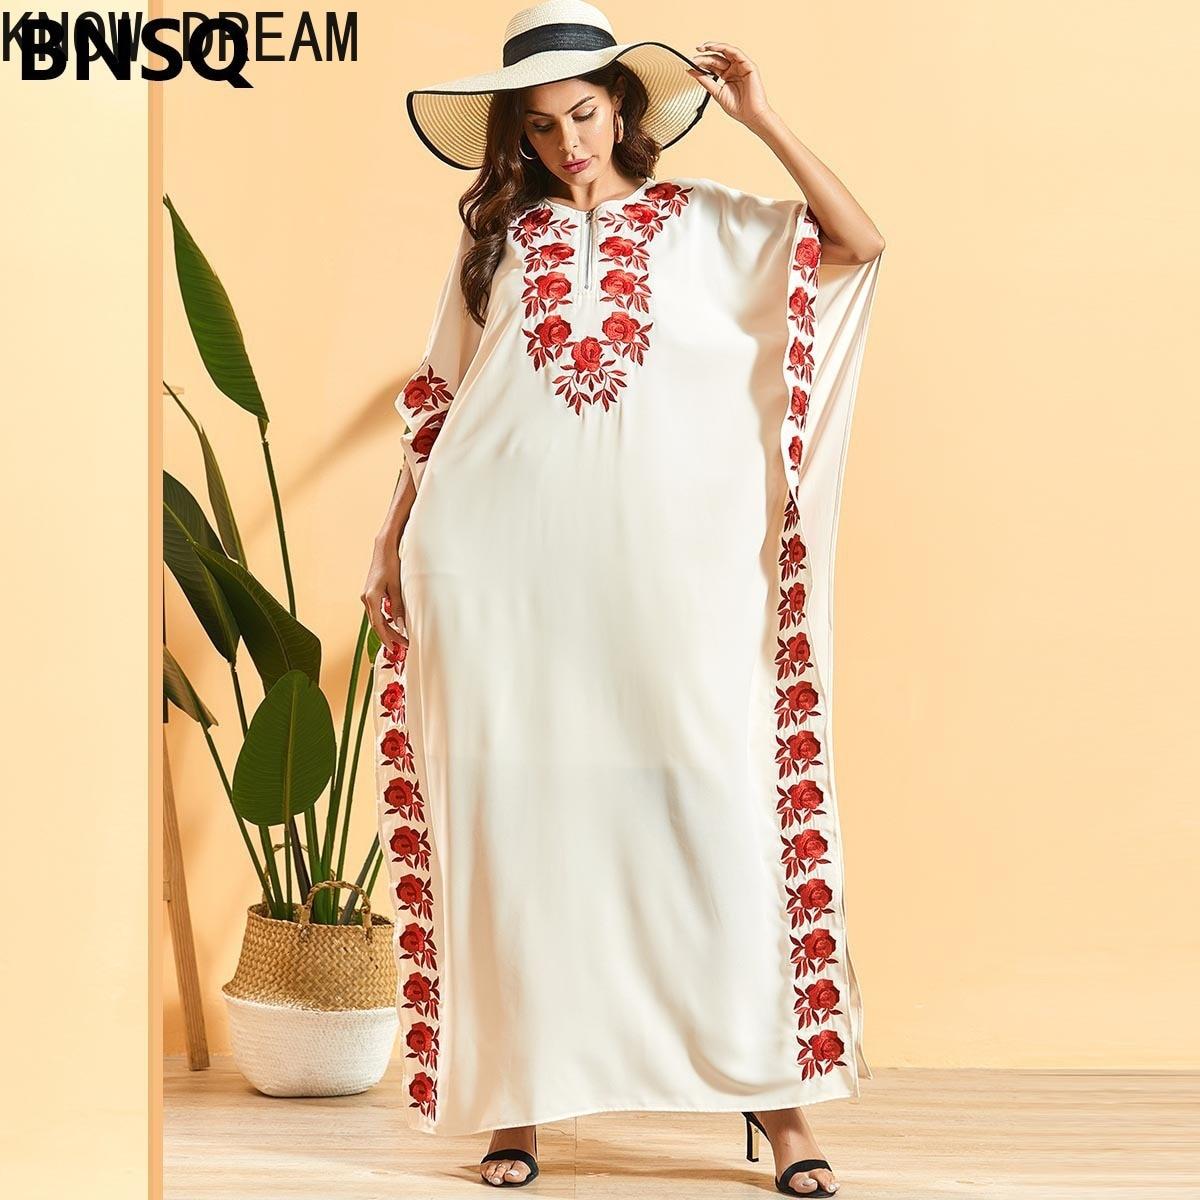 Узнайте мечта Мода размера плюс для женщин рукав «летучая мышь» вышитые плиссированное платье в богемном стиле темно-синий кружево платье ...